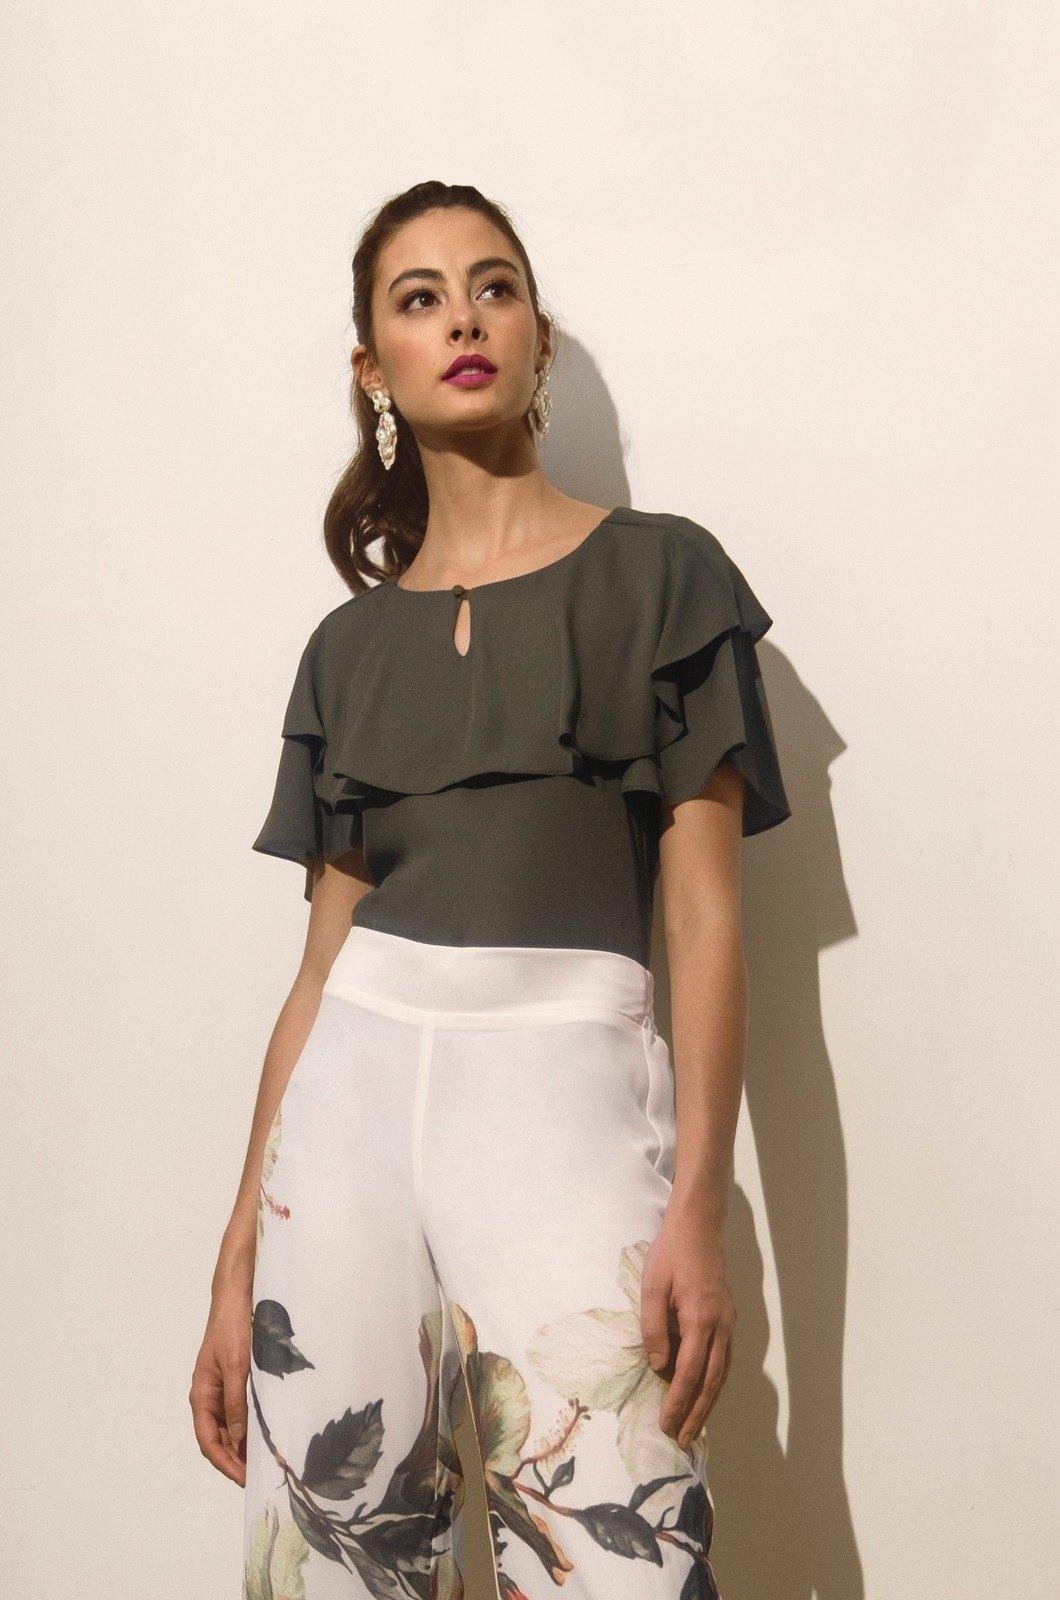 Blusa con boleros en escote y mangas - Chazari 4724-8